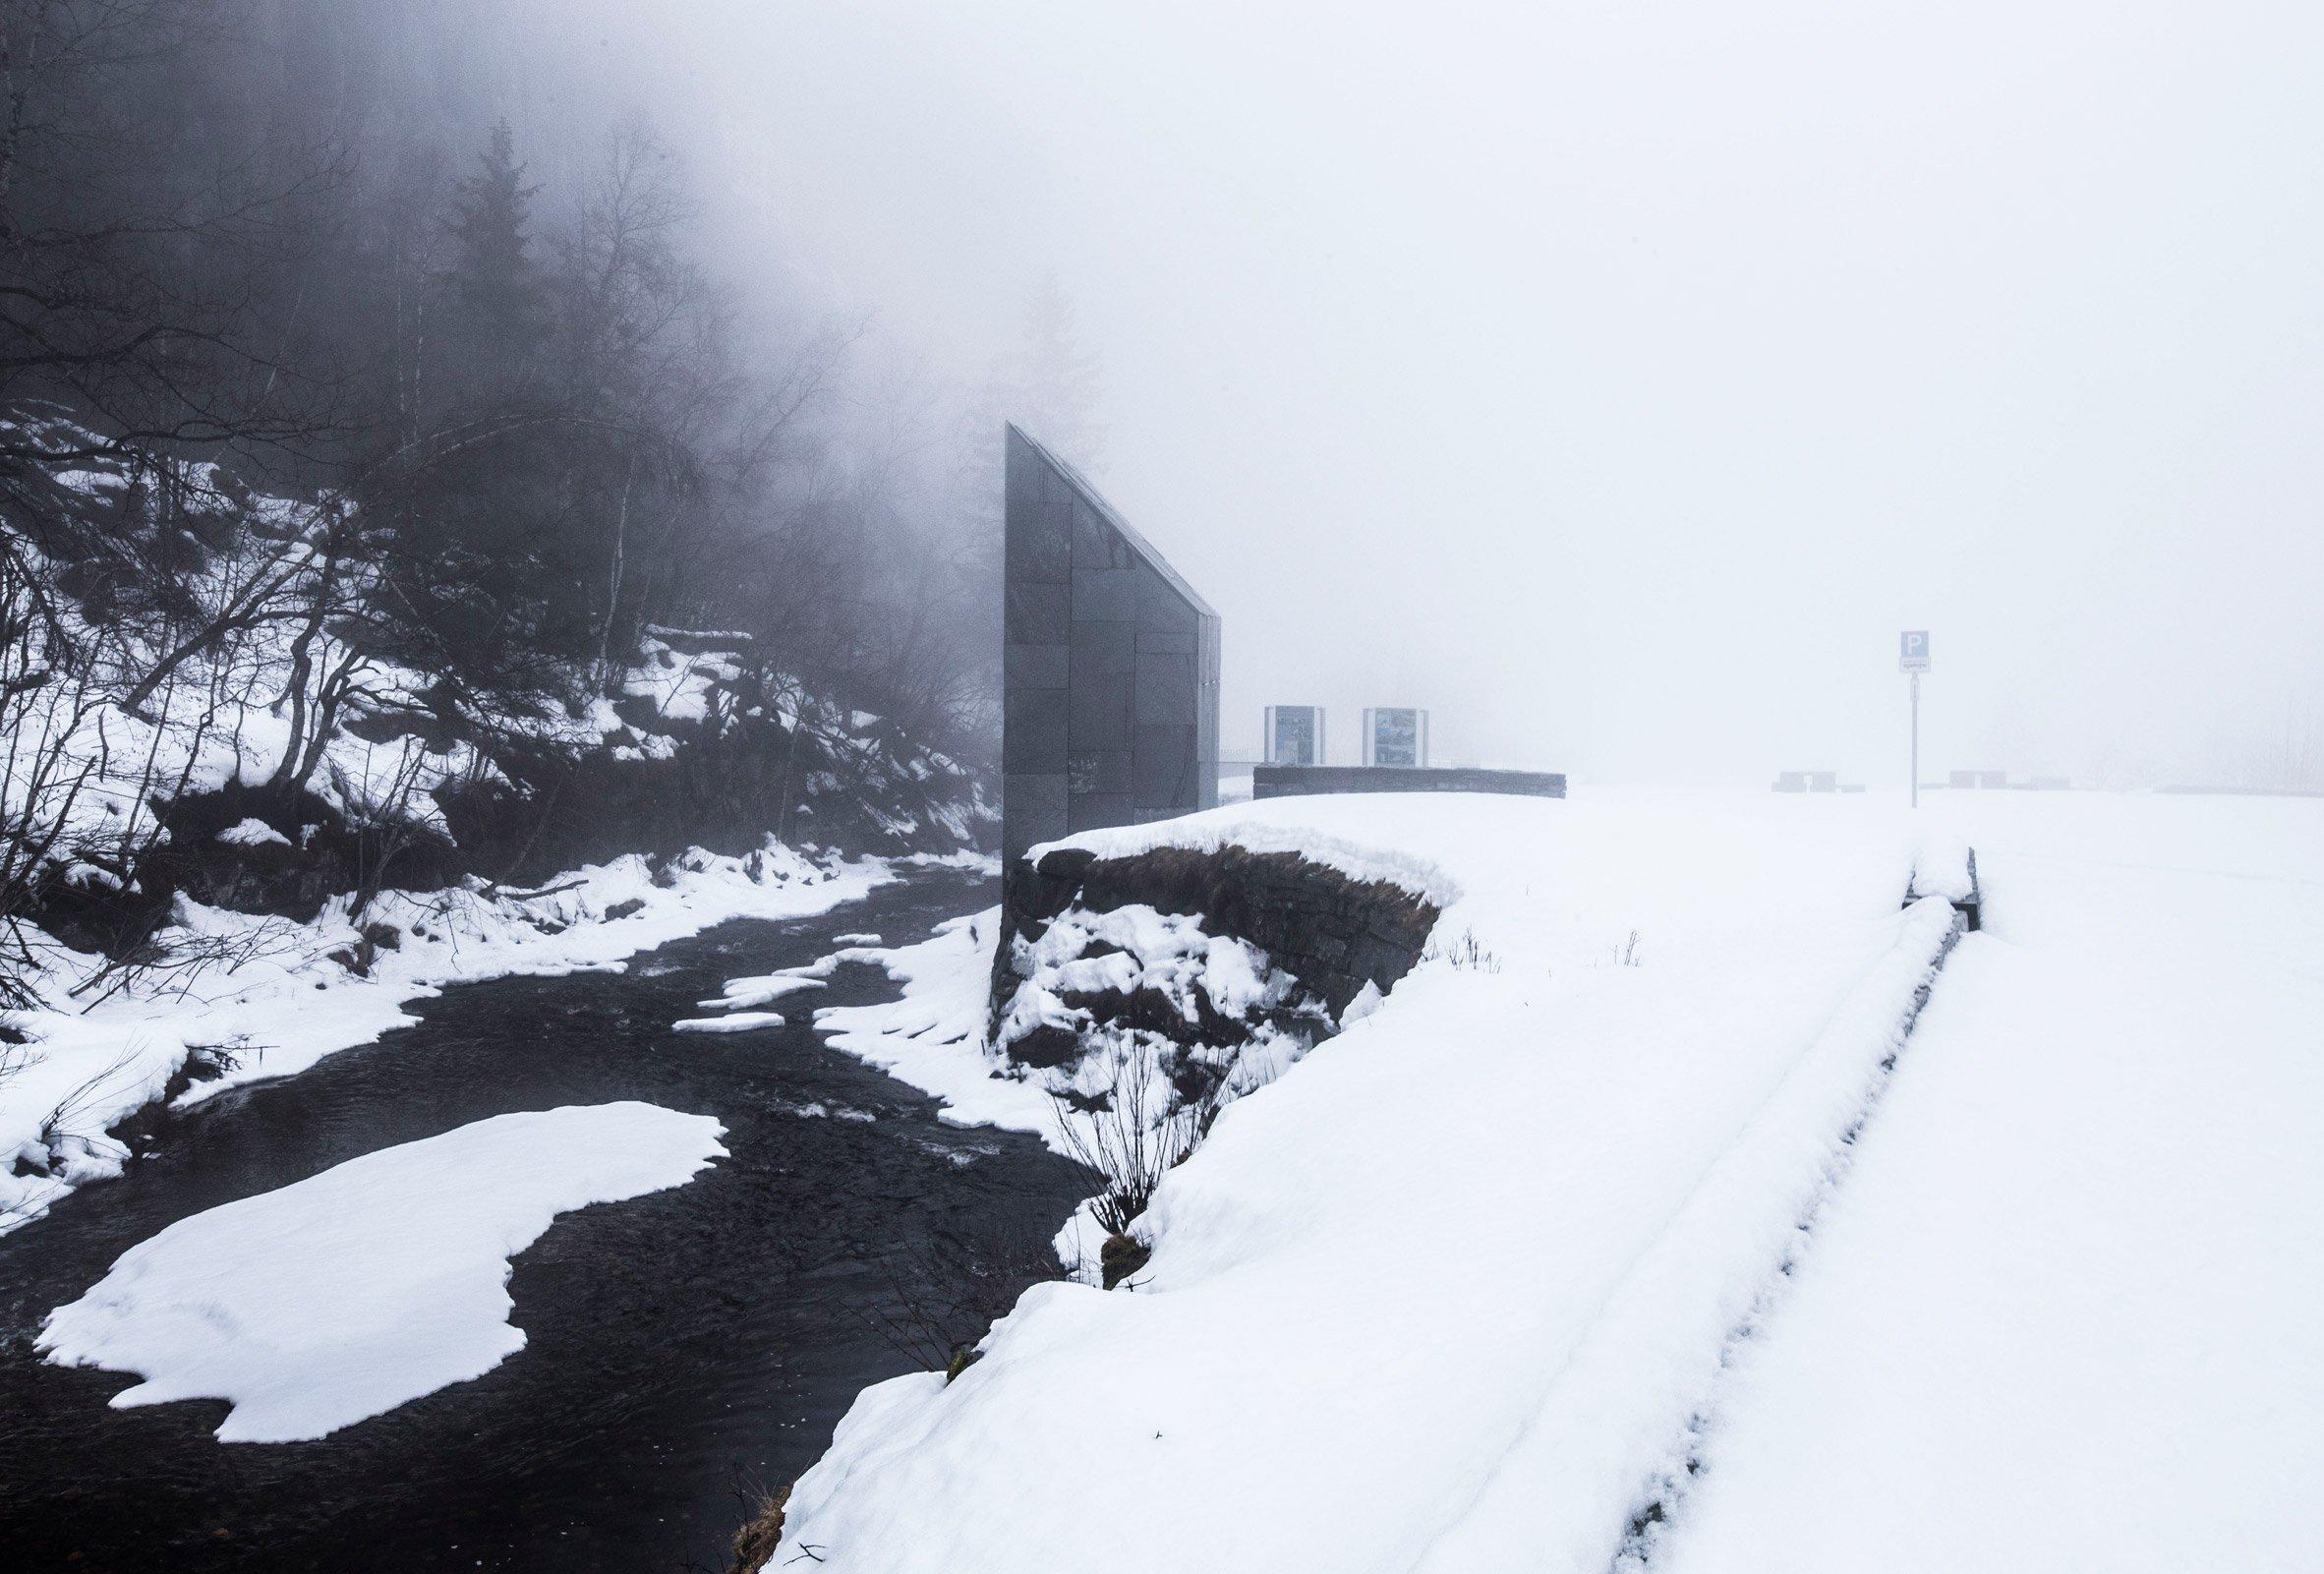 Il bagno pi bello del mondo in norvegia - Comprare casa in norvegia ...